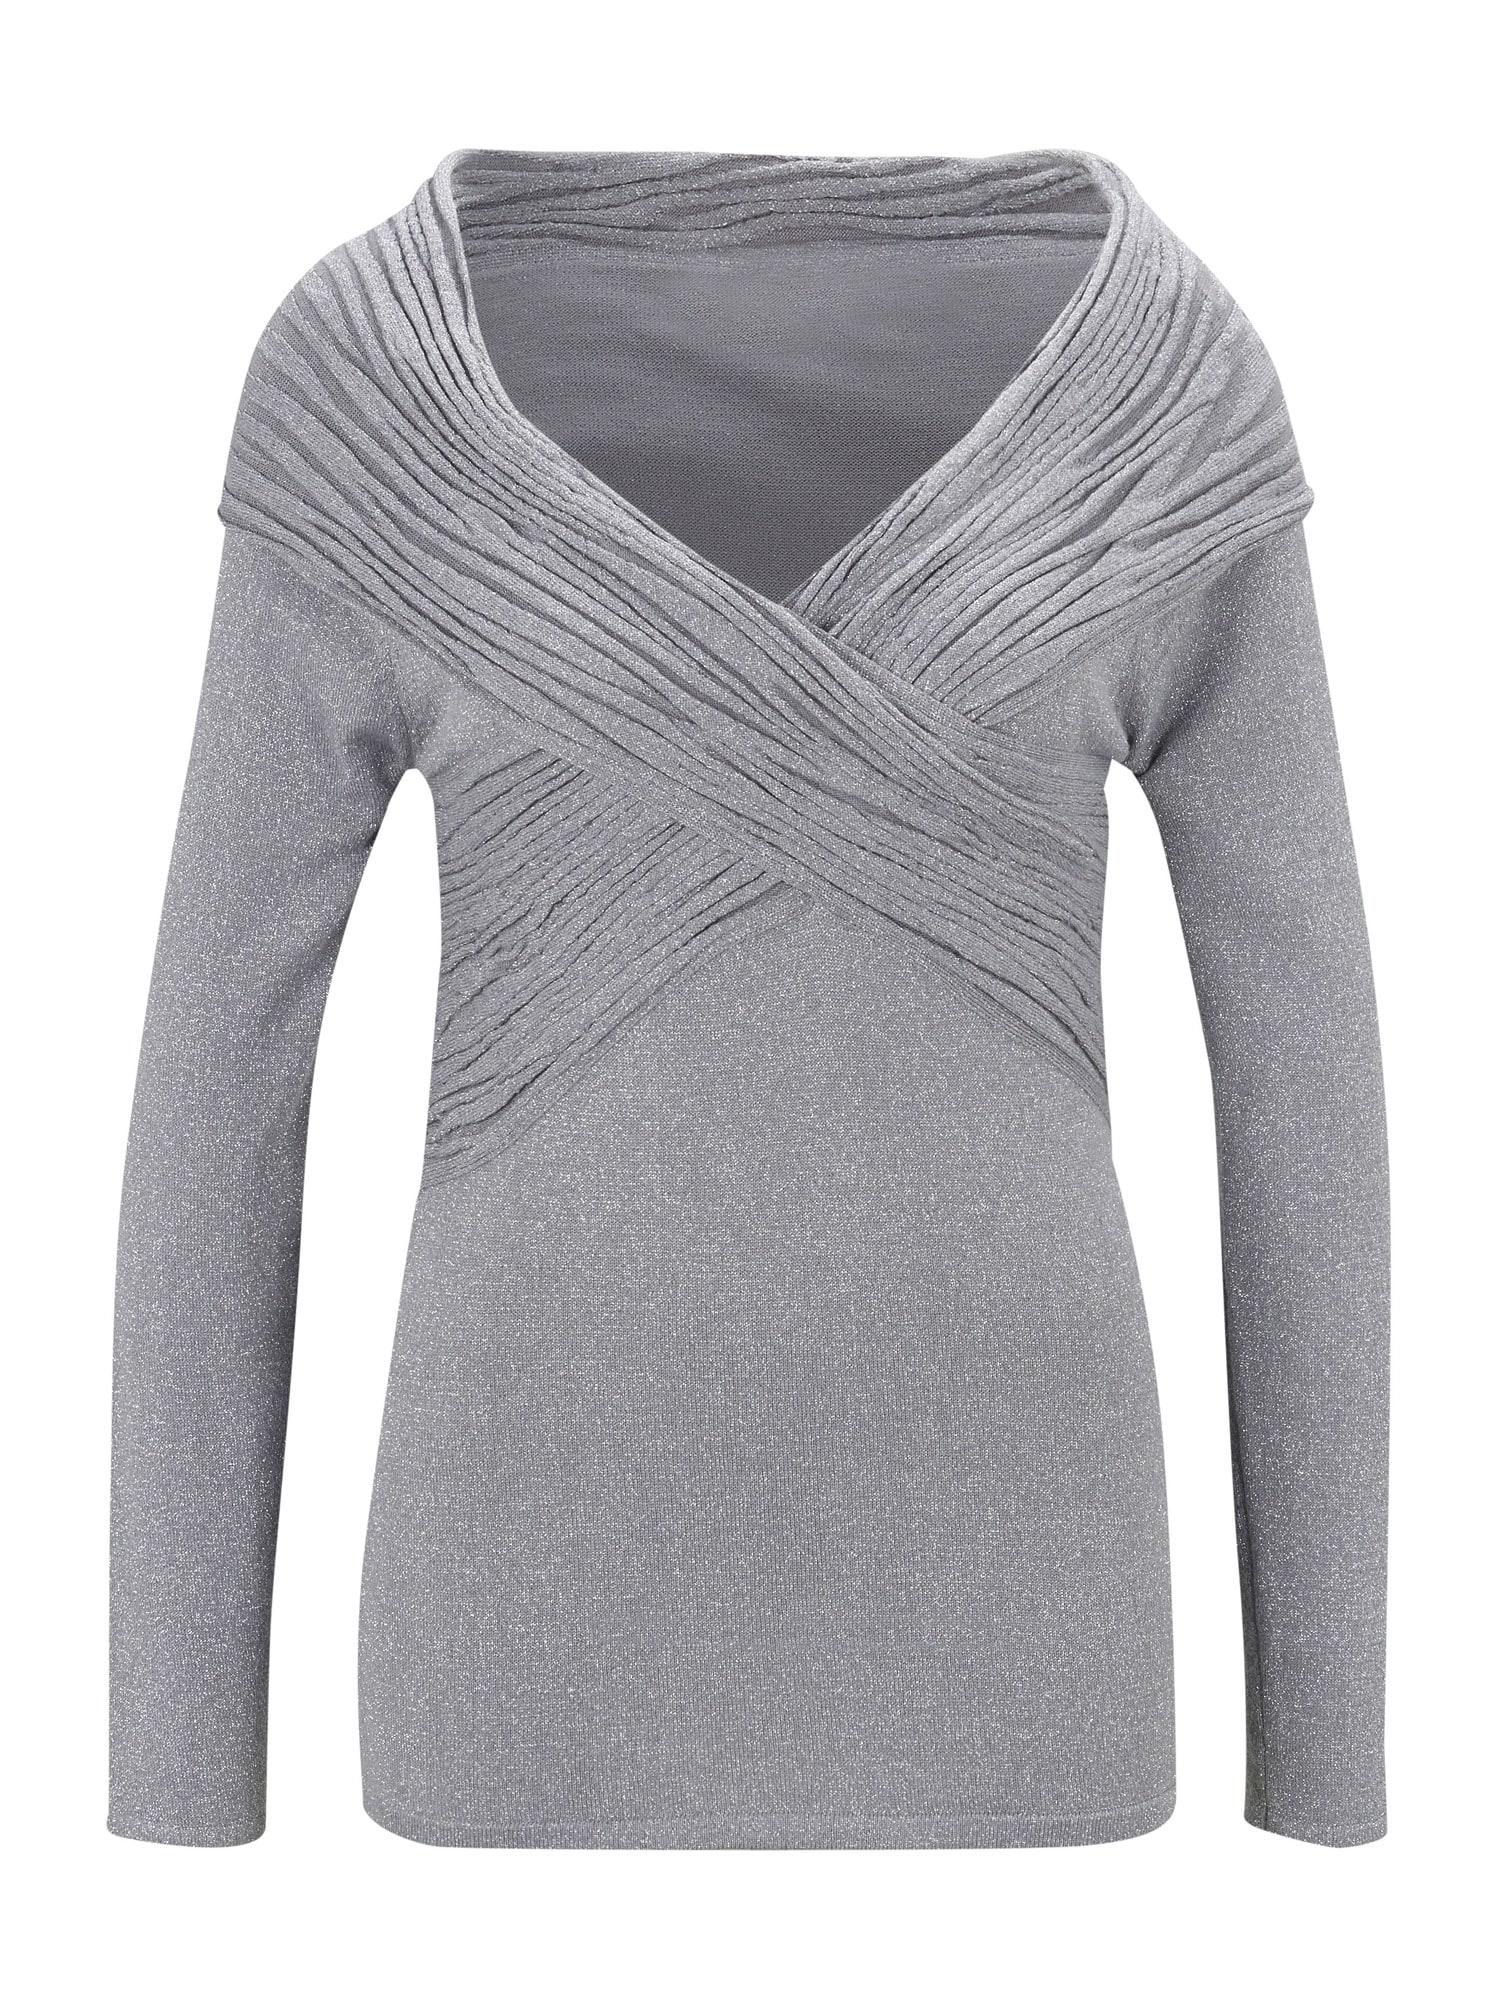 Patrizia Dini by heine Megztinis sidabro pilka